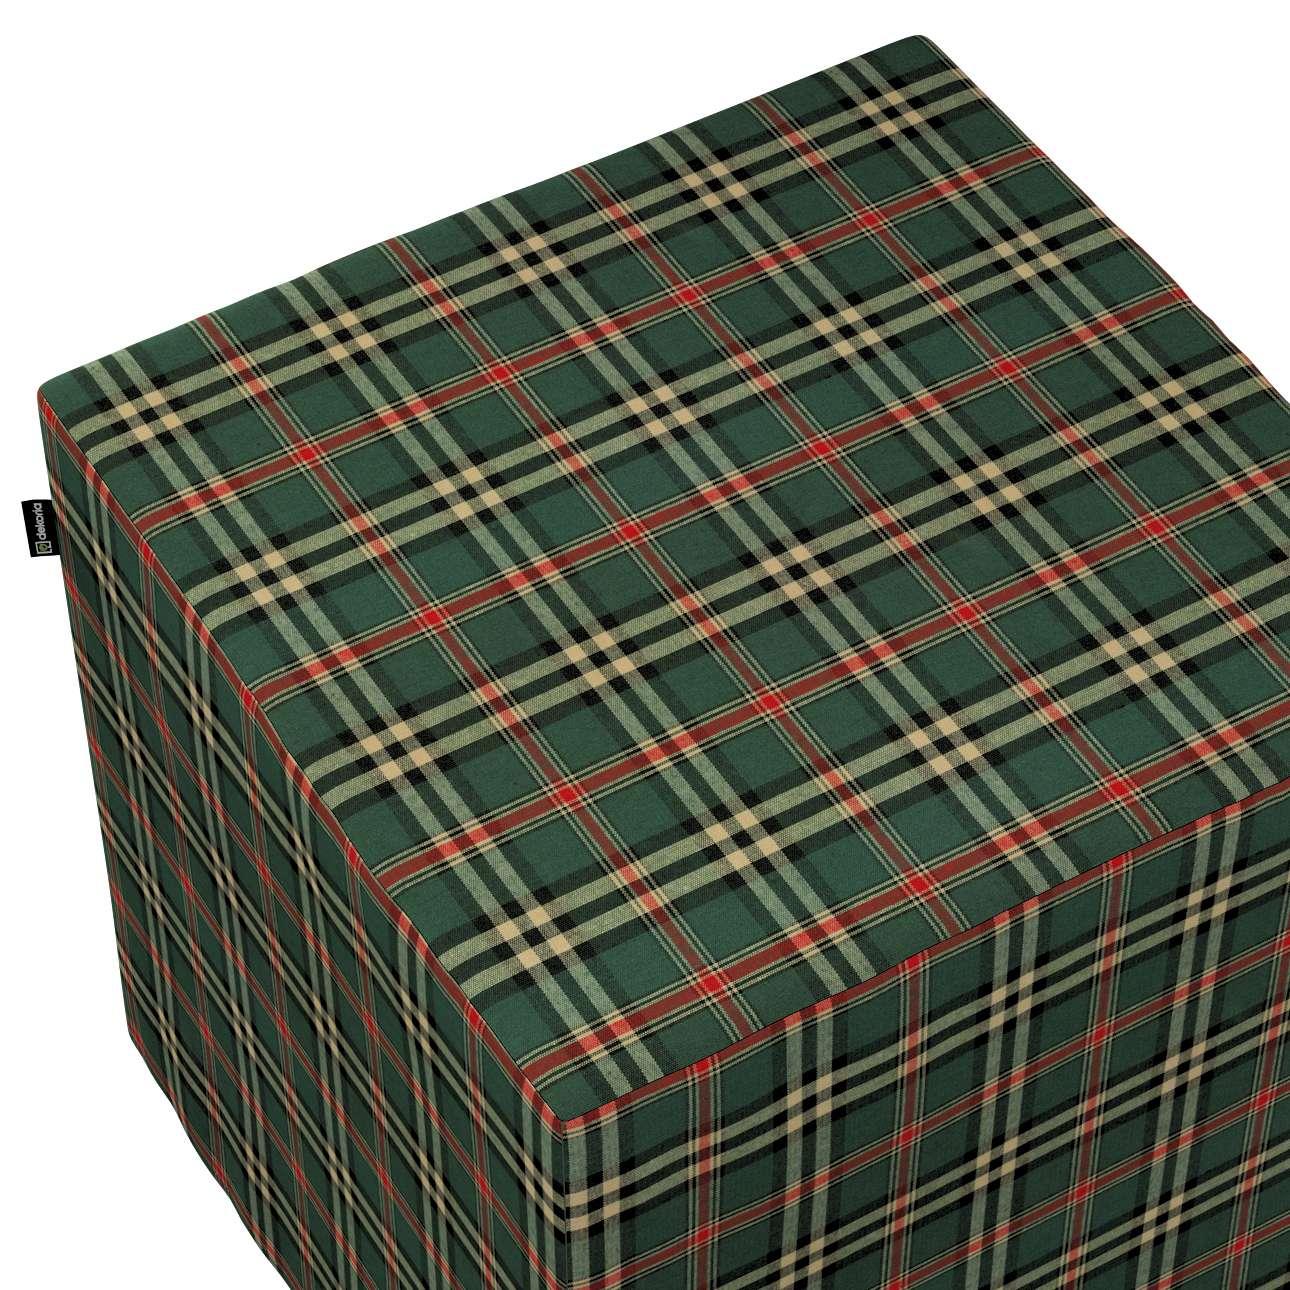 Pufa kostka w kolekcji Bristol, tkanina: 142-69